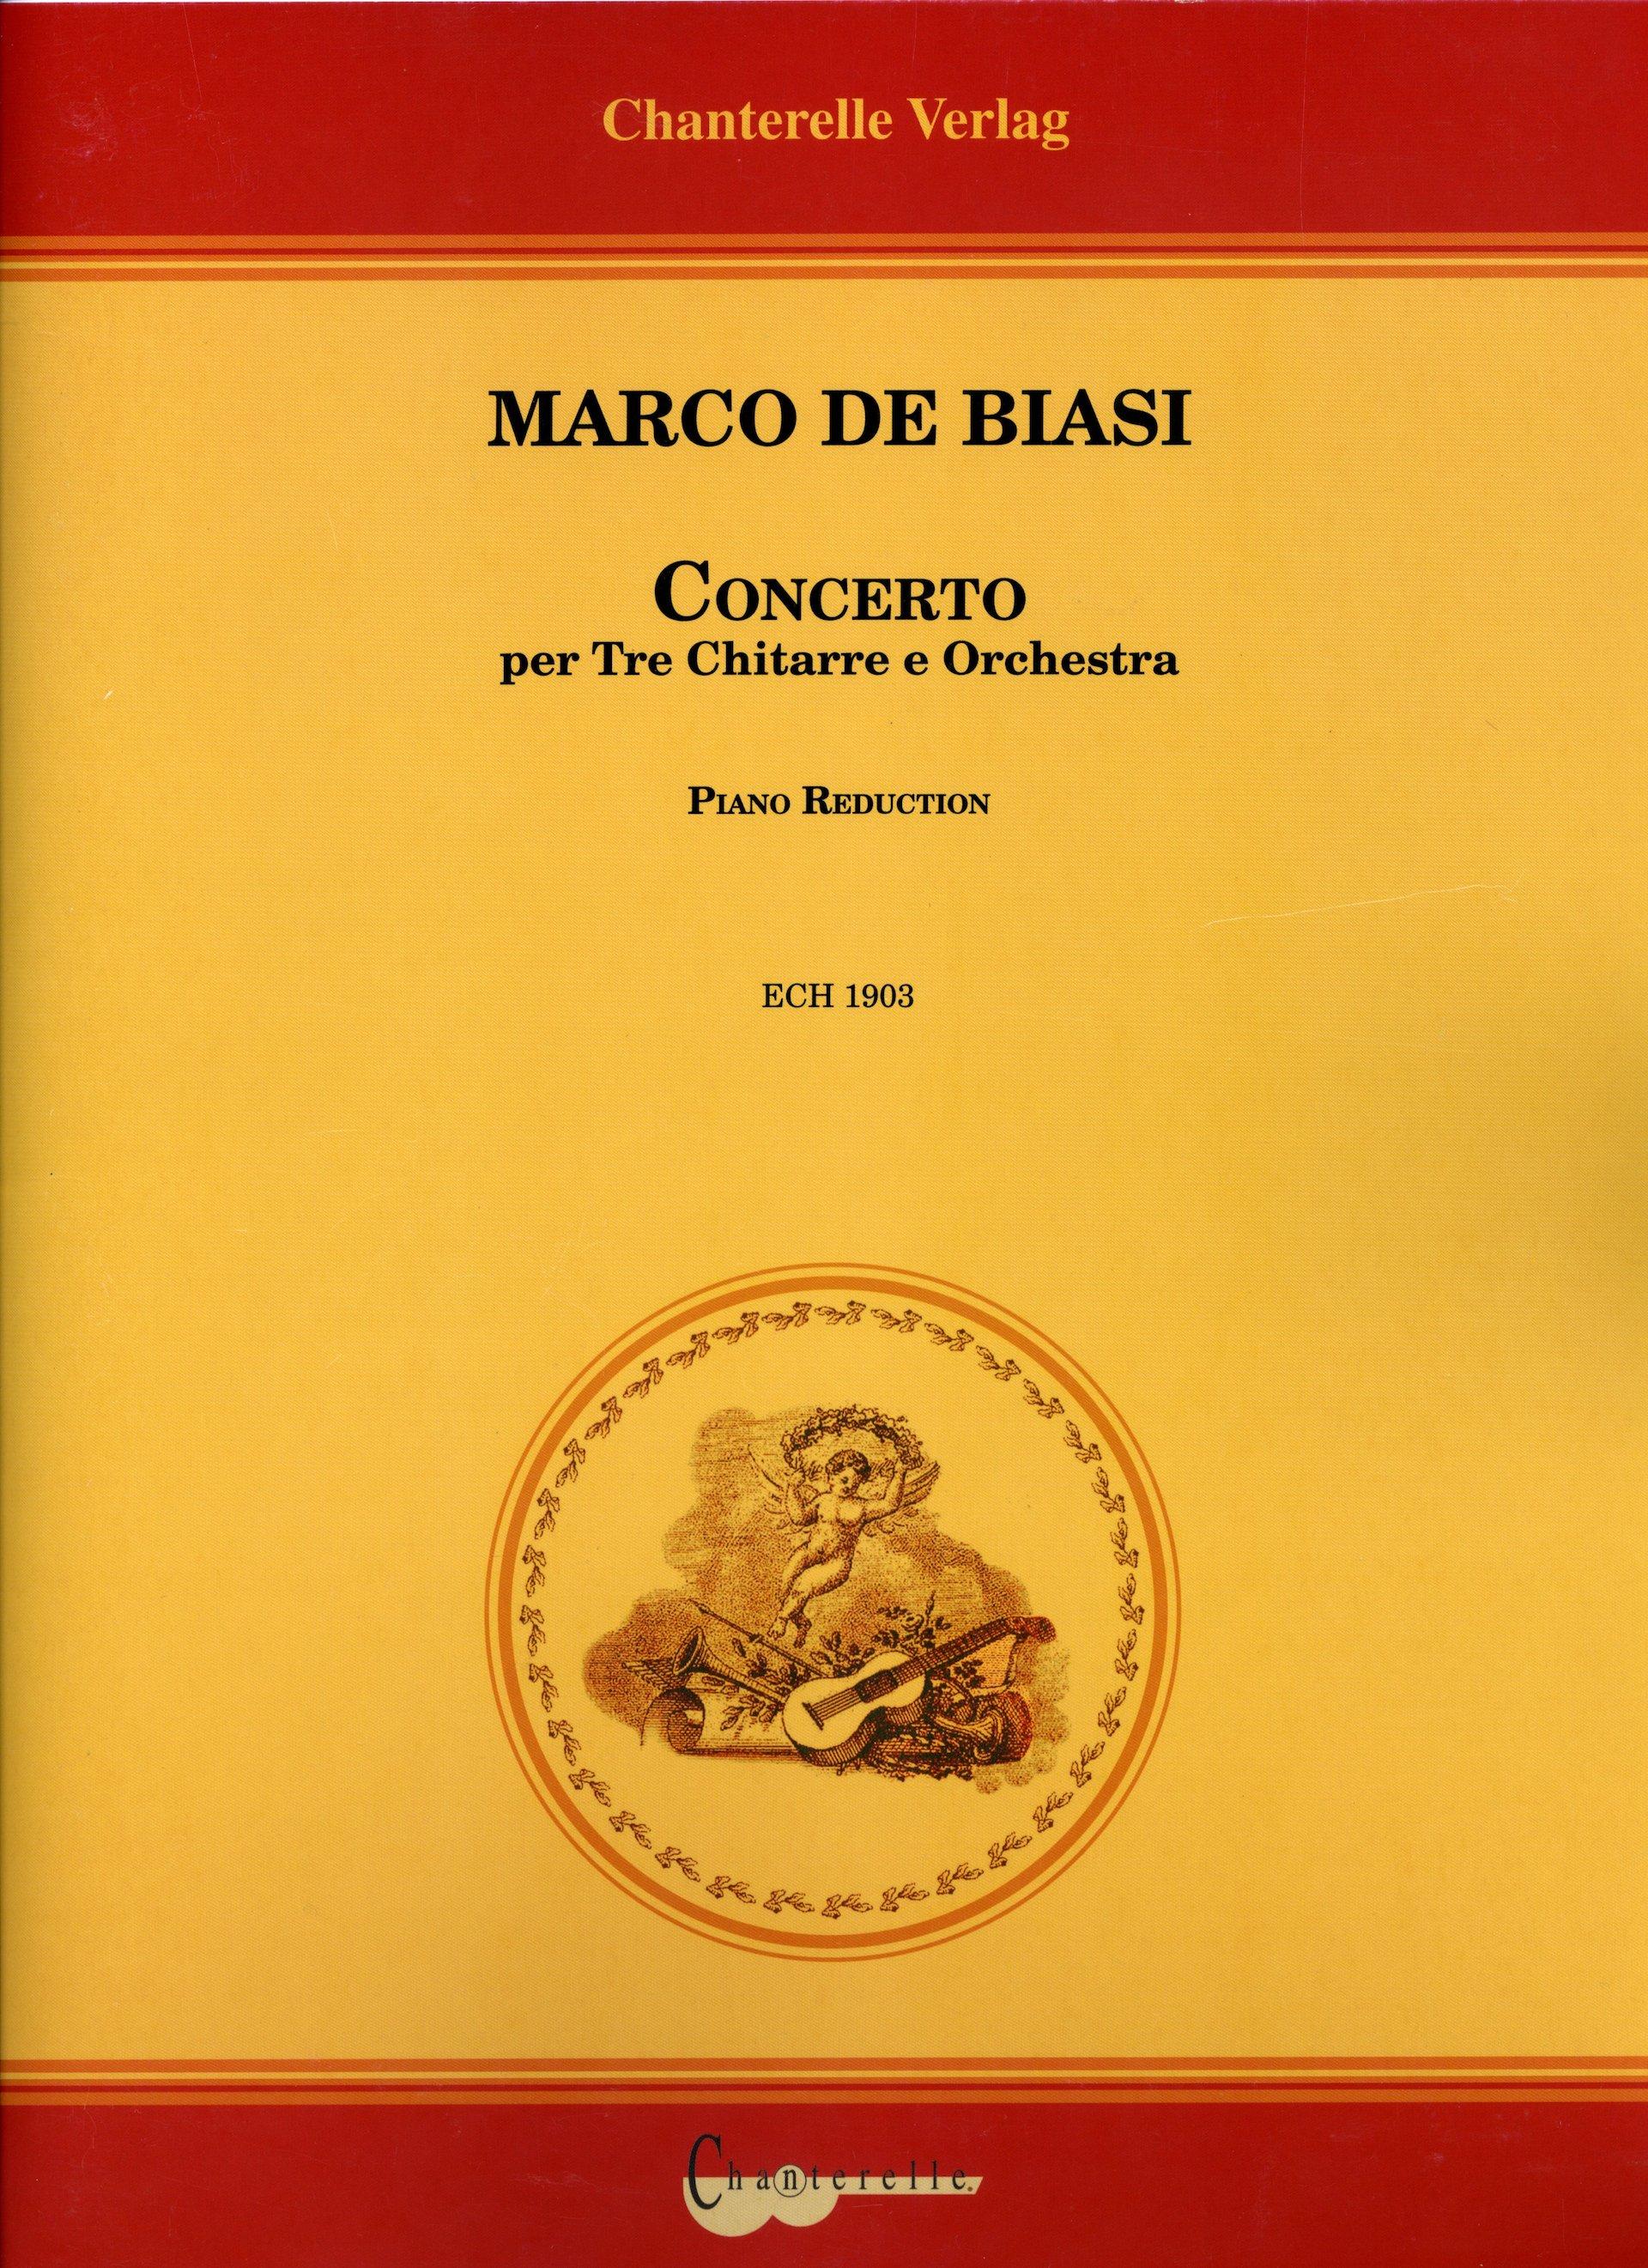 COPERTINA CONCERTO PER TRE CHITARRE E ORCHESTRA - MARCO DE BIASI